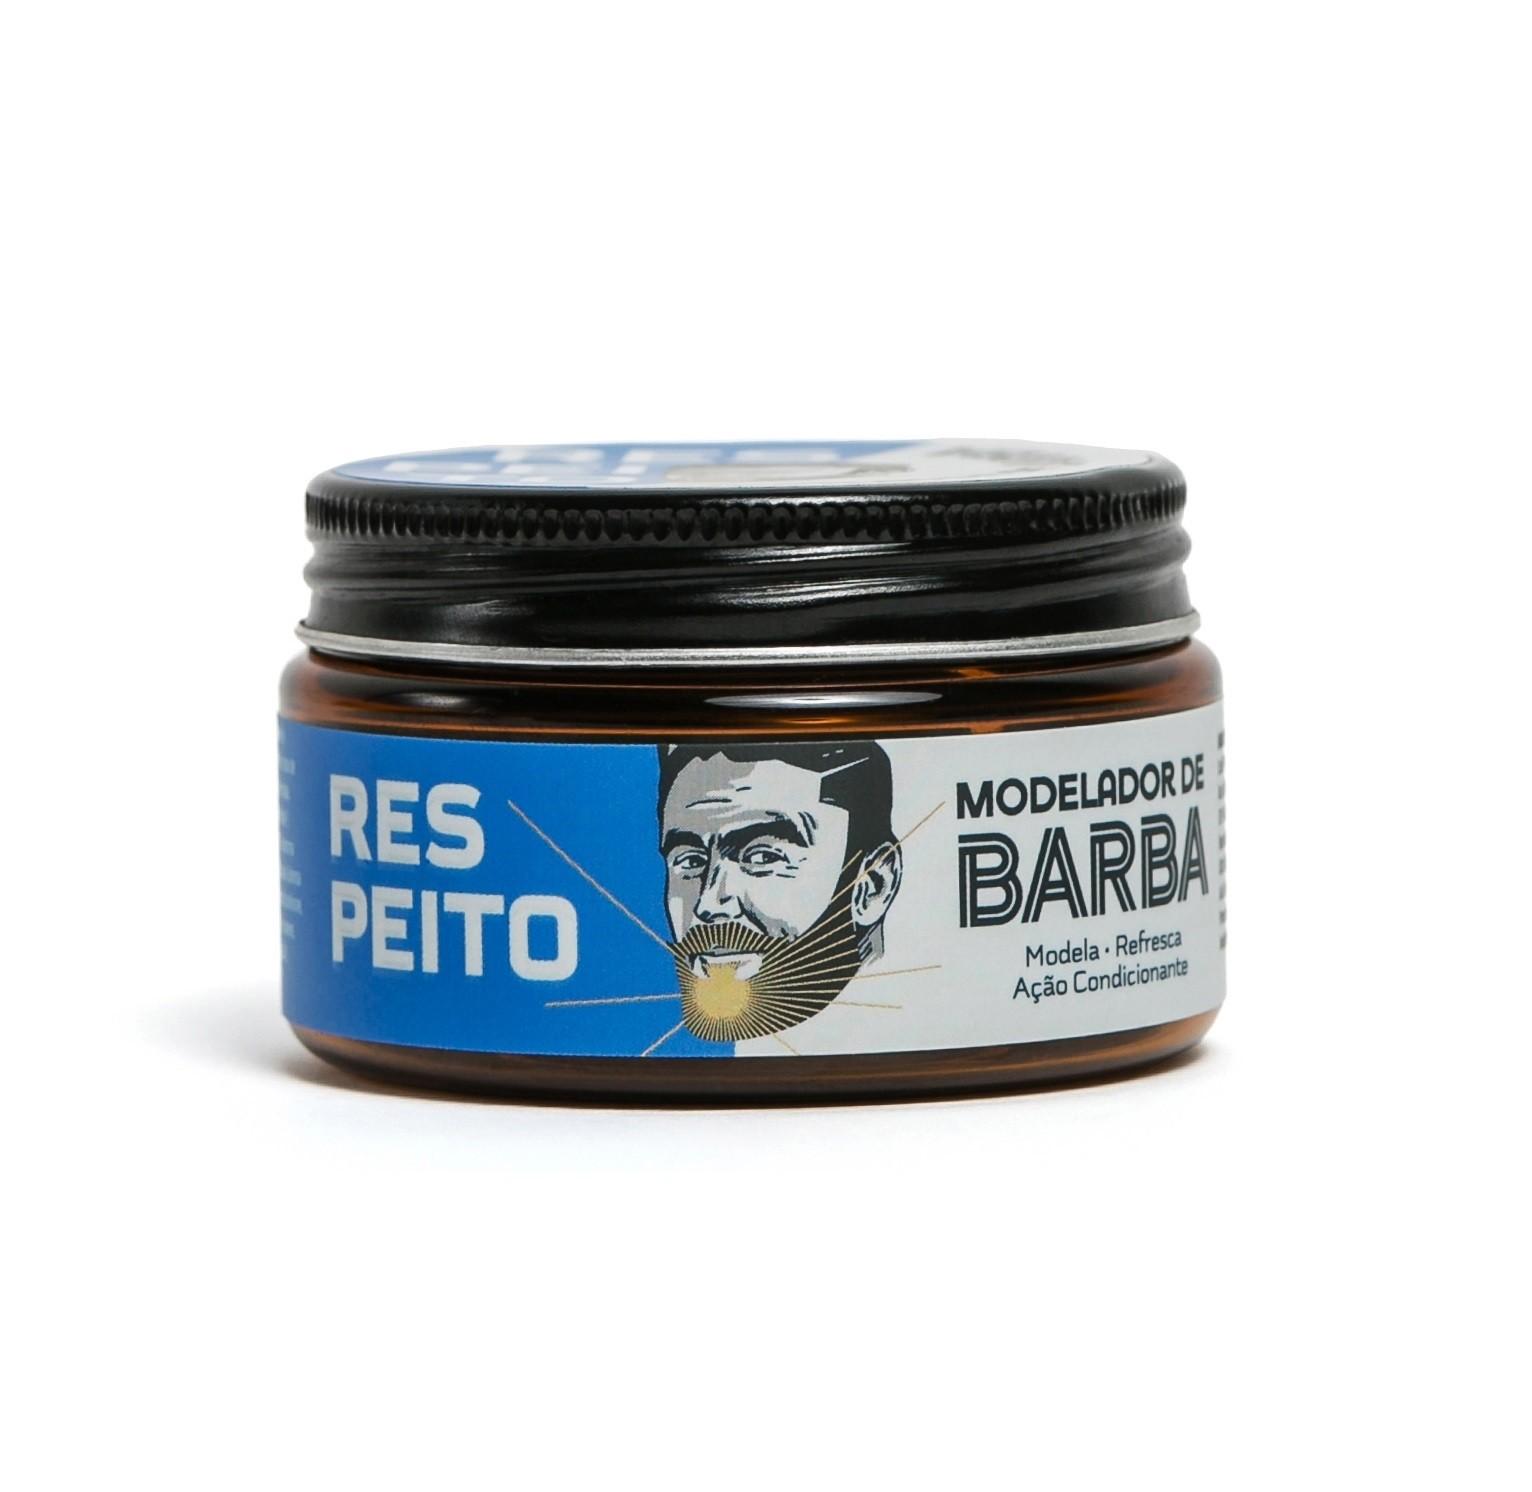 Modelador De Barba - Barba de Respeito